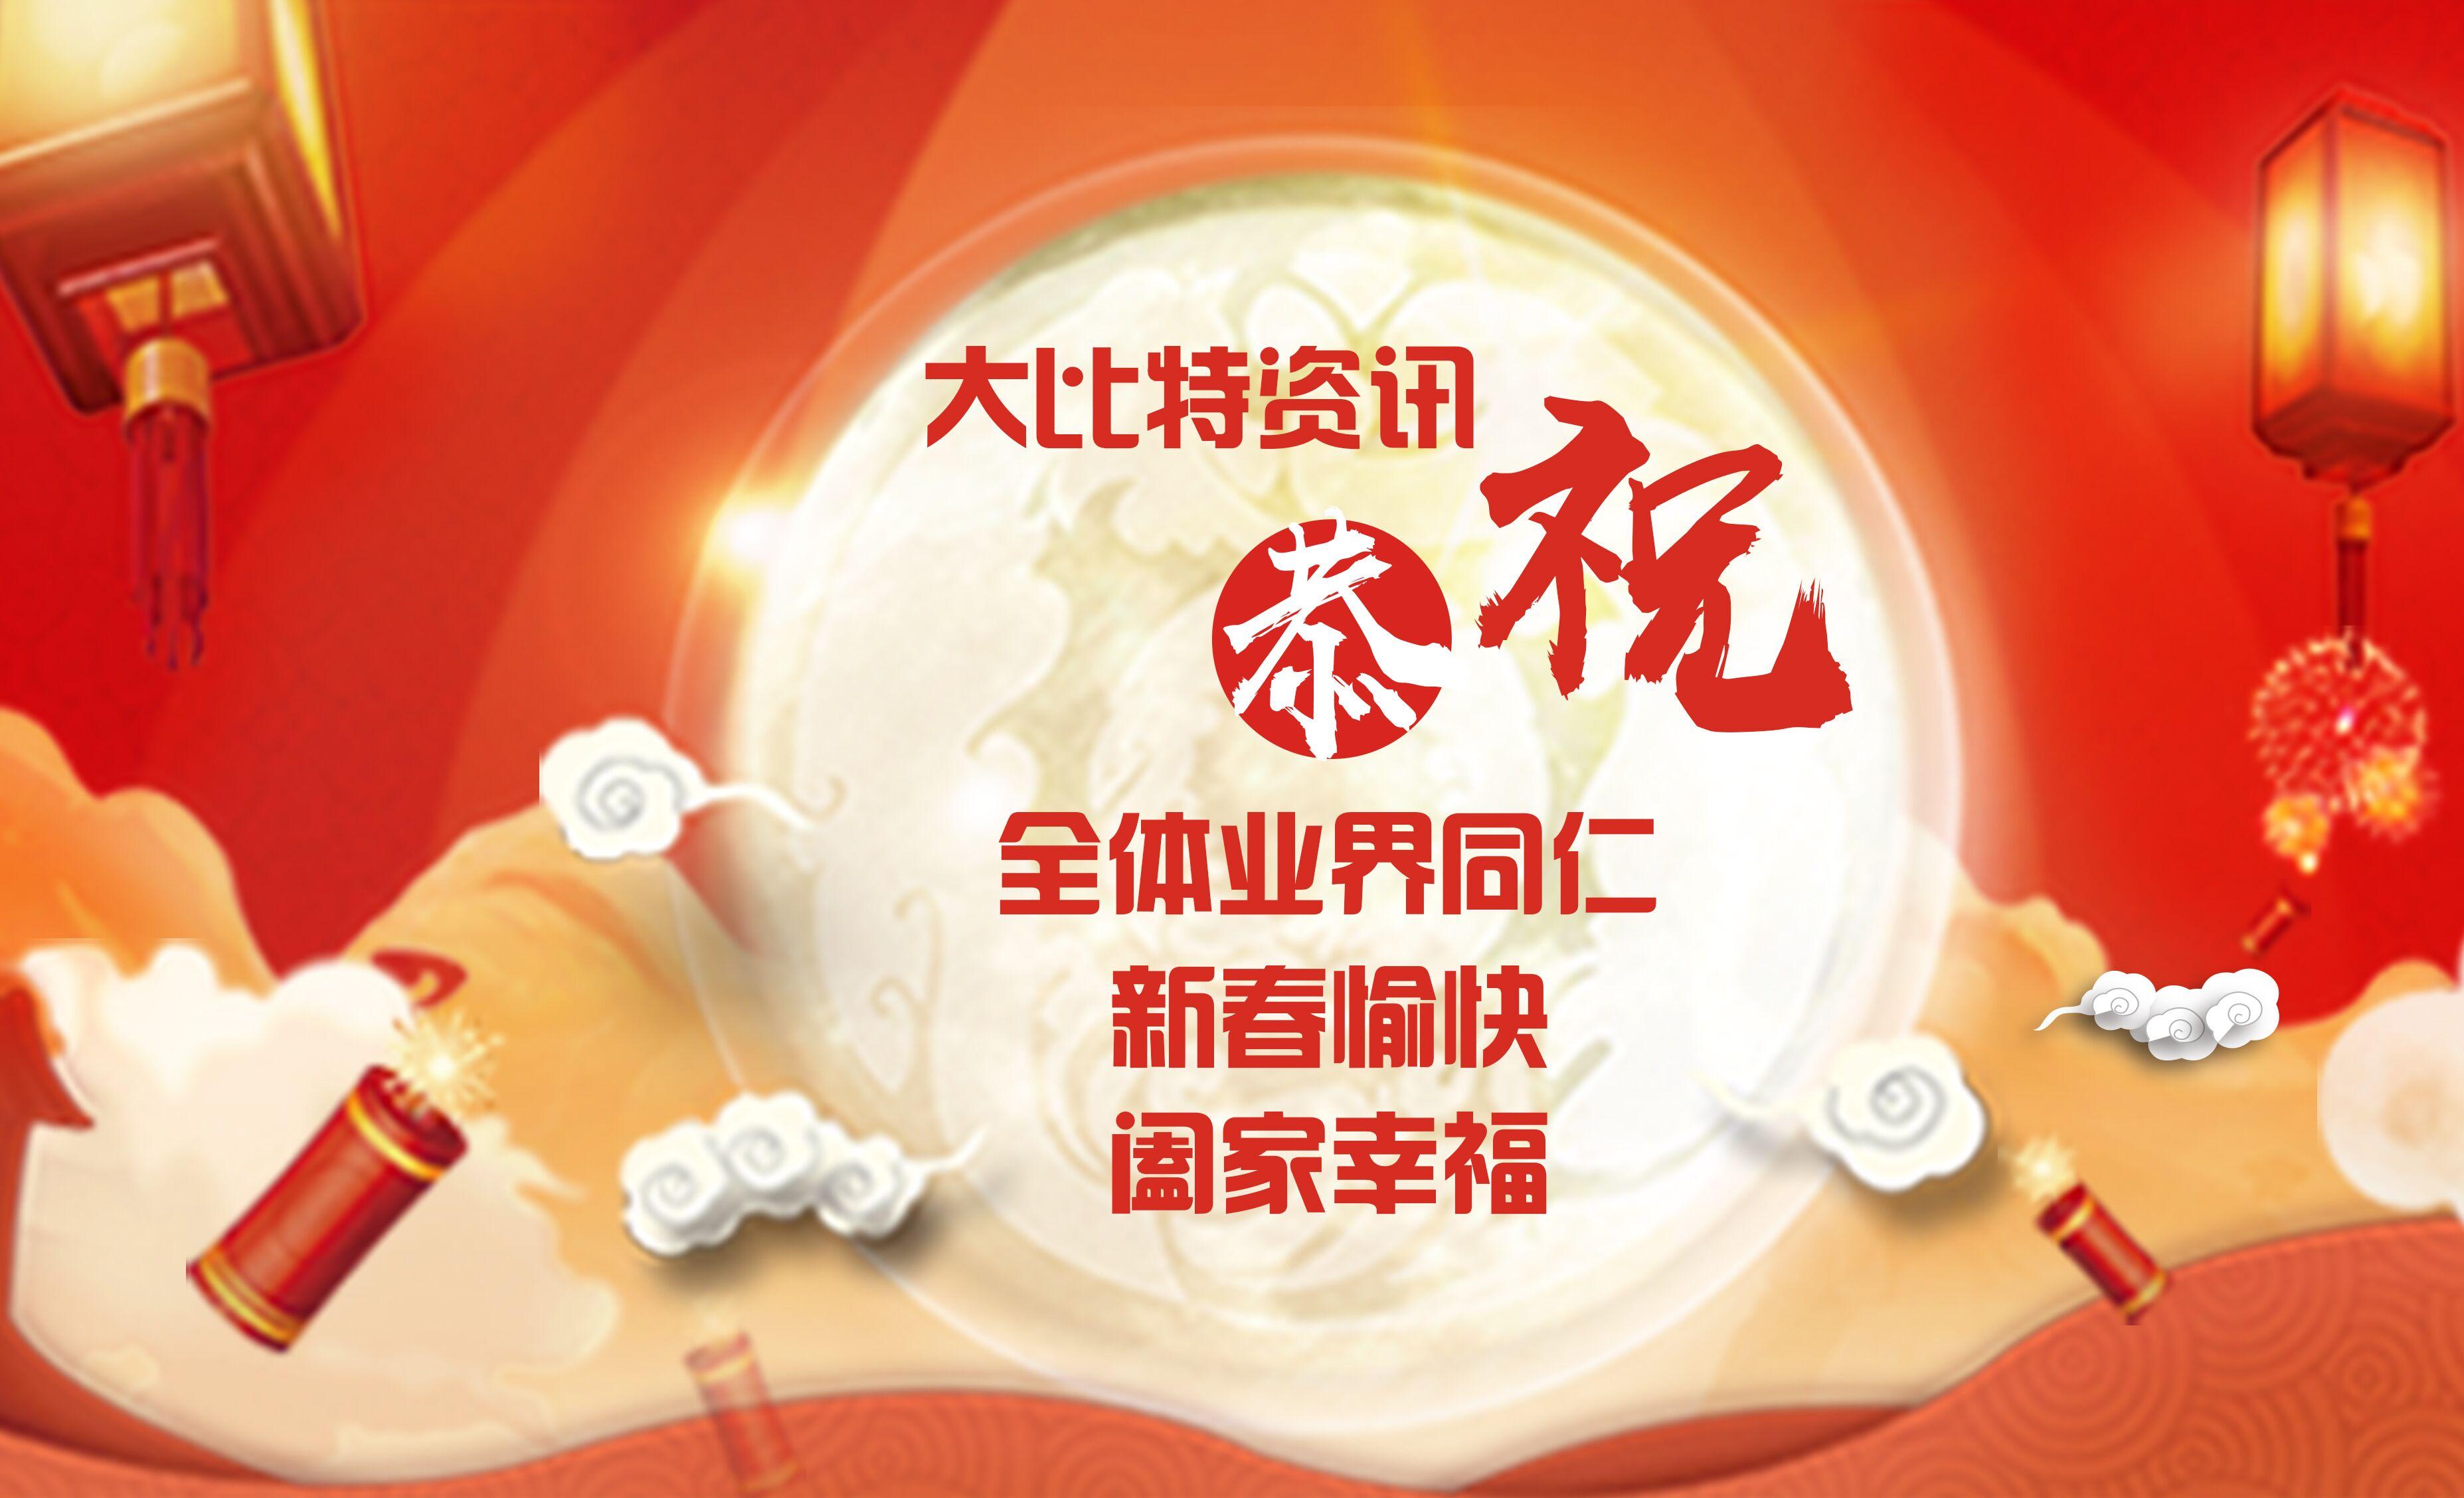 2020年大比特资讯春节放假通知